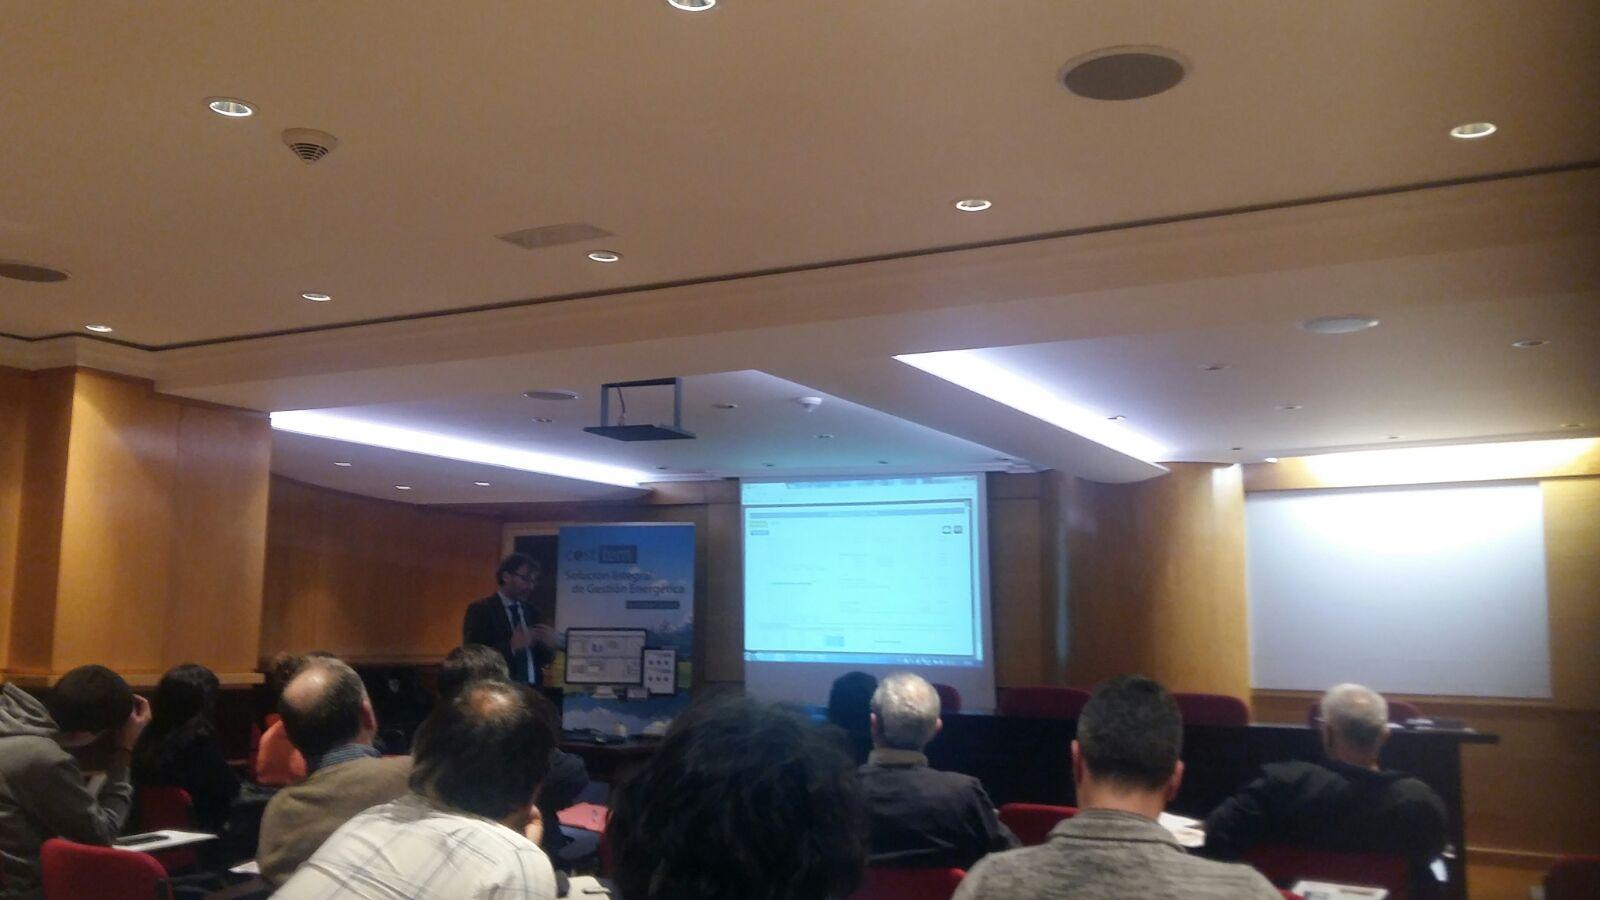 Jornada sobre Software de Gestión Energética organizada por CO2 Smart Tech en COITIVIGO.